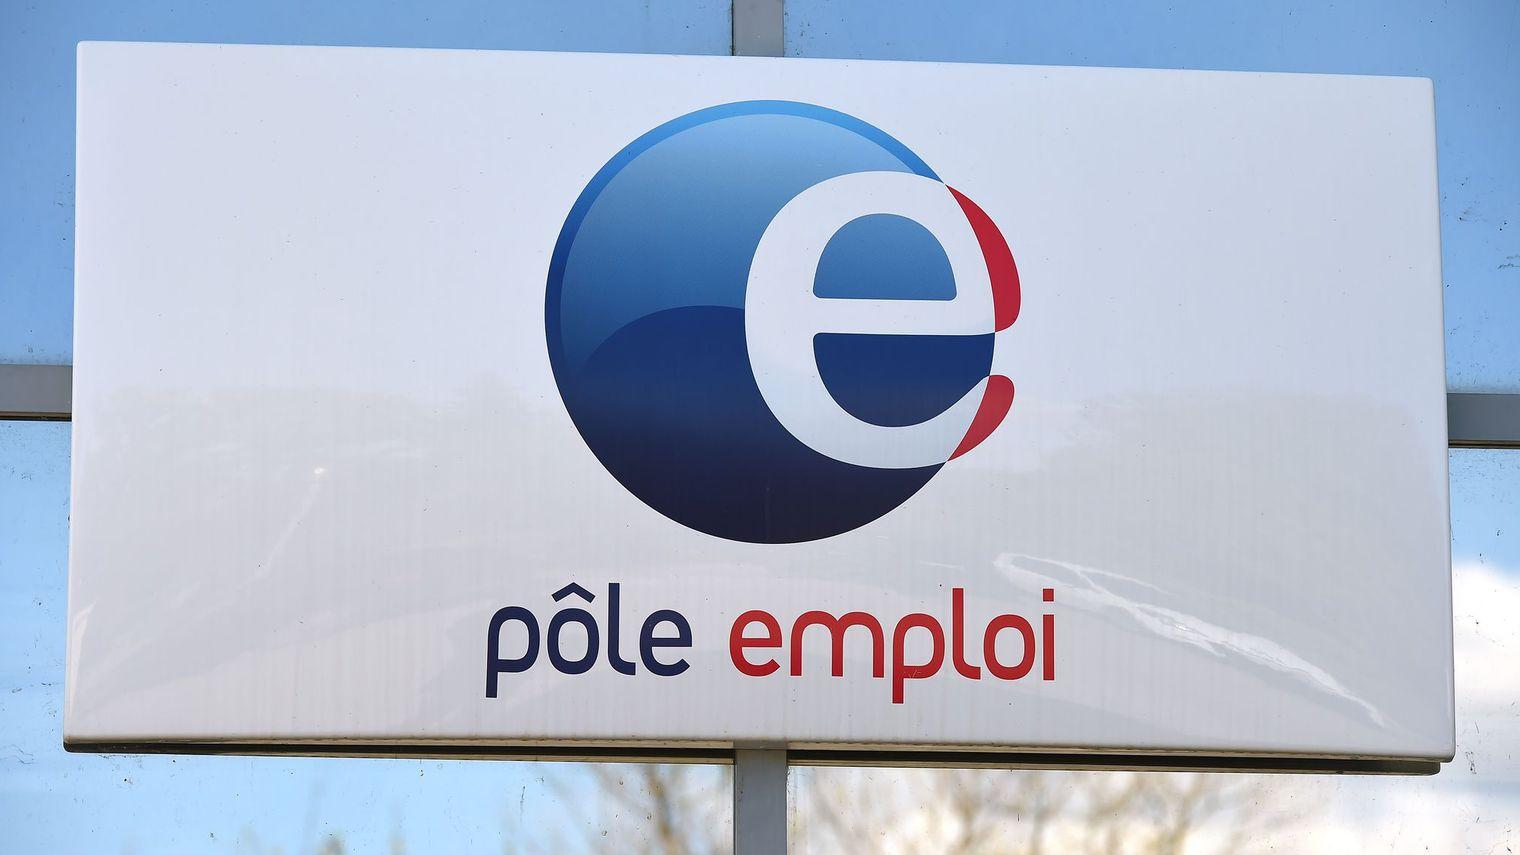 Eylüldeki sert düşüşten sonra, Pôle Emploi'ya kayıtlı olan işsiz sayısında Ekim ayında ( +8000, +%2) artış meydana geldi. Bu sayıların metropole kayıtlı kişiler için geçerli olduğunu Çalışma Bakanı bir açıklamasında duyurdu.